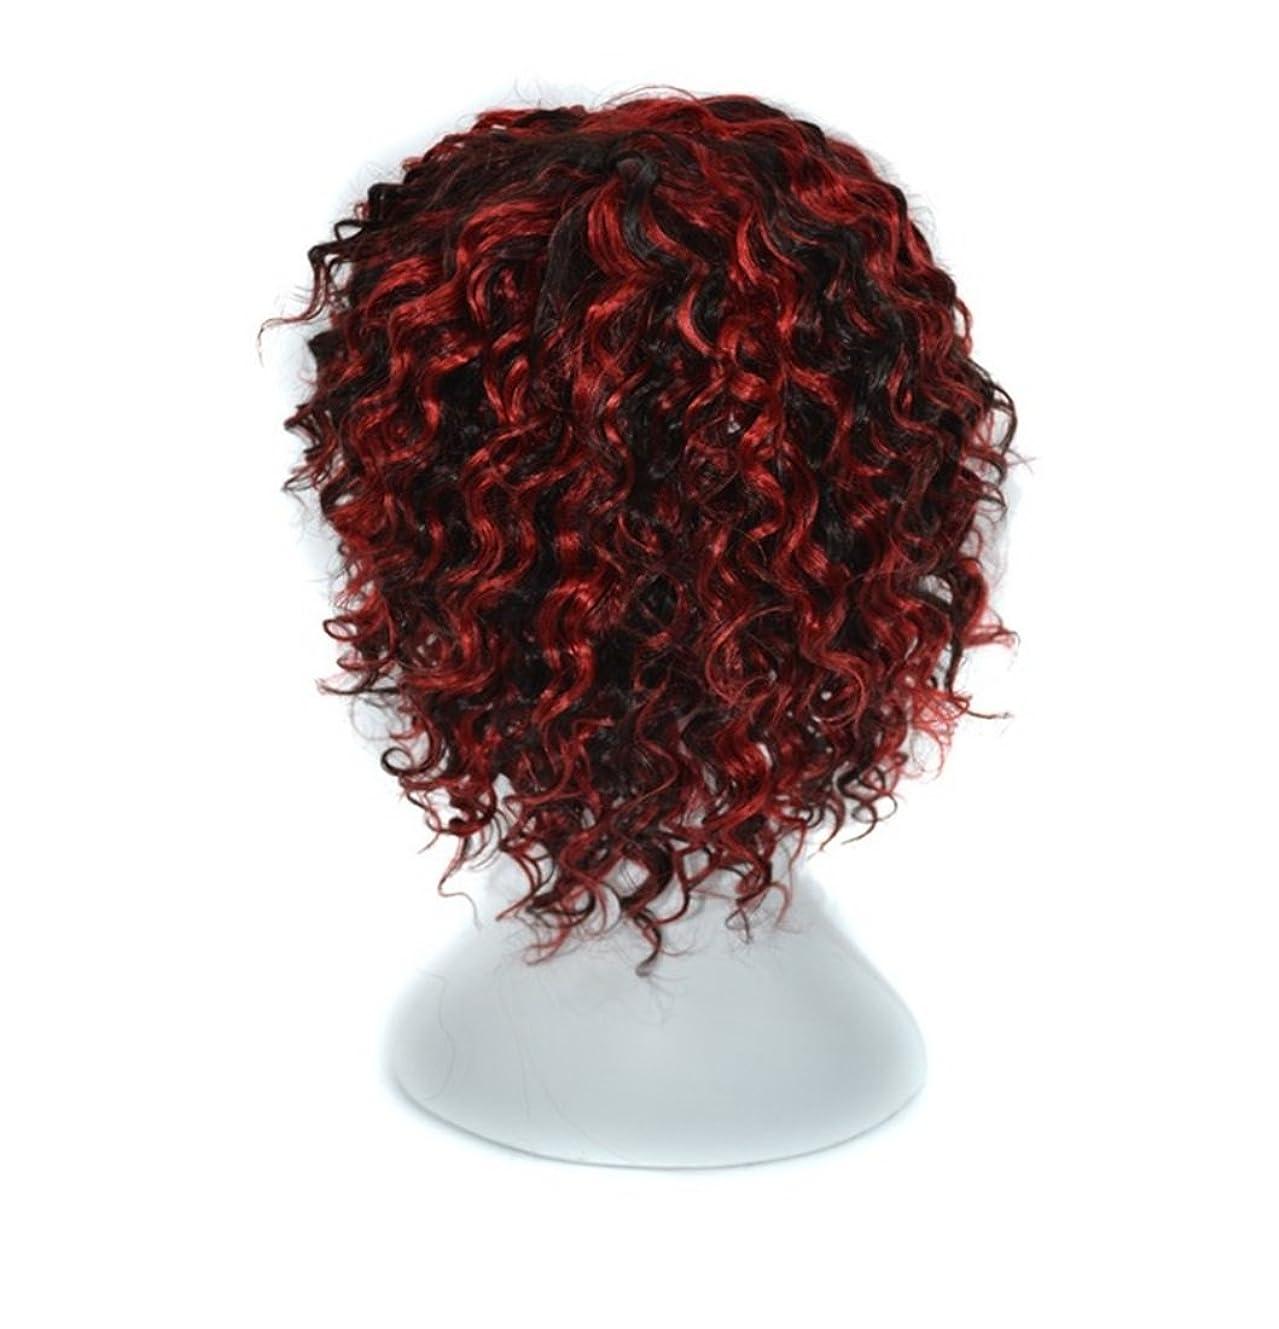 持つ優勢同級生Doyvanntgo 女性のための14インチのリアルな人間の髪ブラックフローティングレッドまたはライトブラウンディープカールウィッグと傾いたバングヘアは染められないウィッグセット (Color : Black floating red)